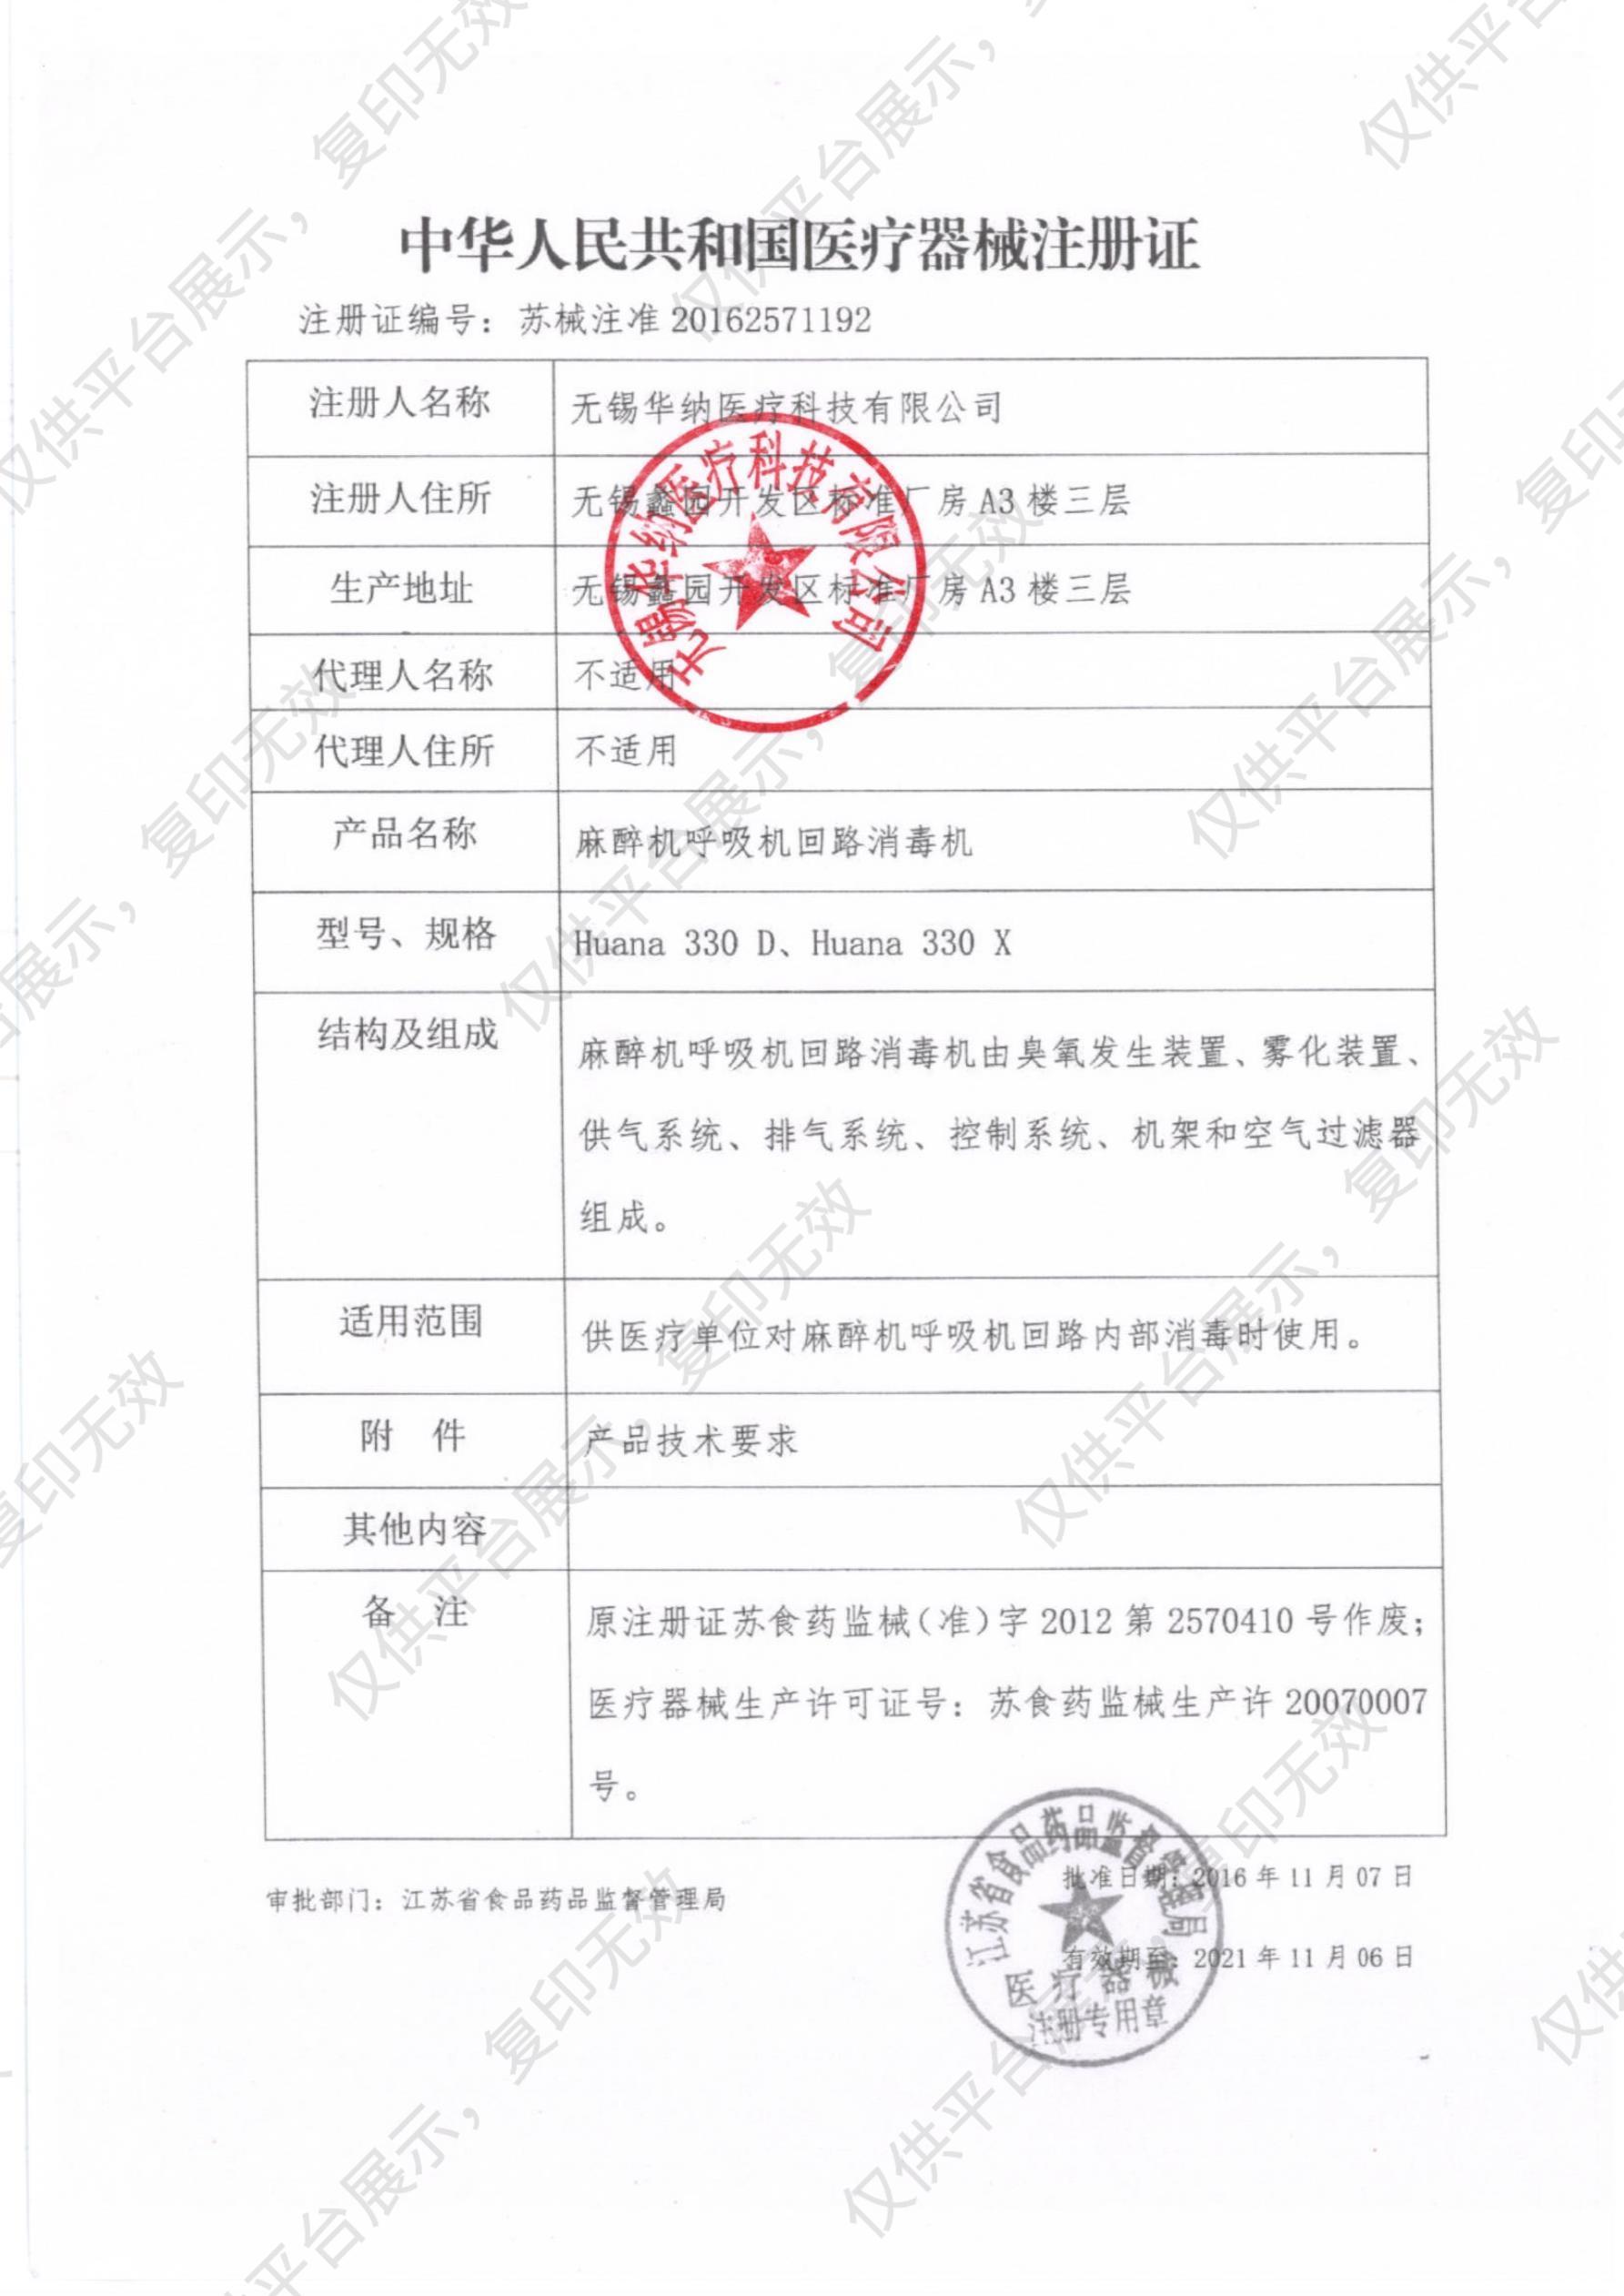 华纳医疗Huana 麻醉机呼吸机回路消毒机 huana330X注册证